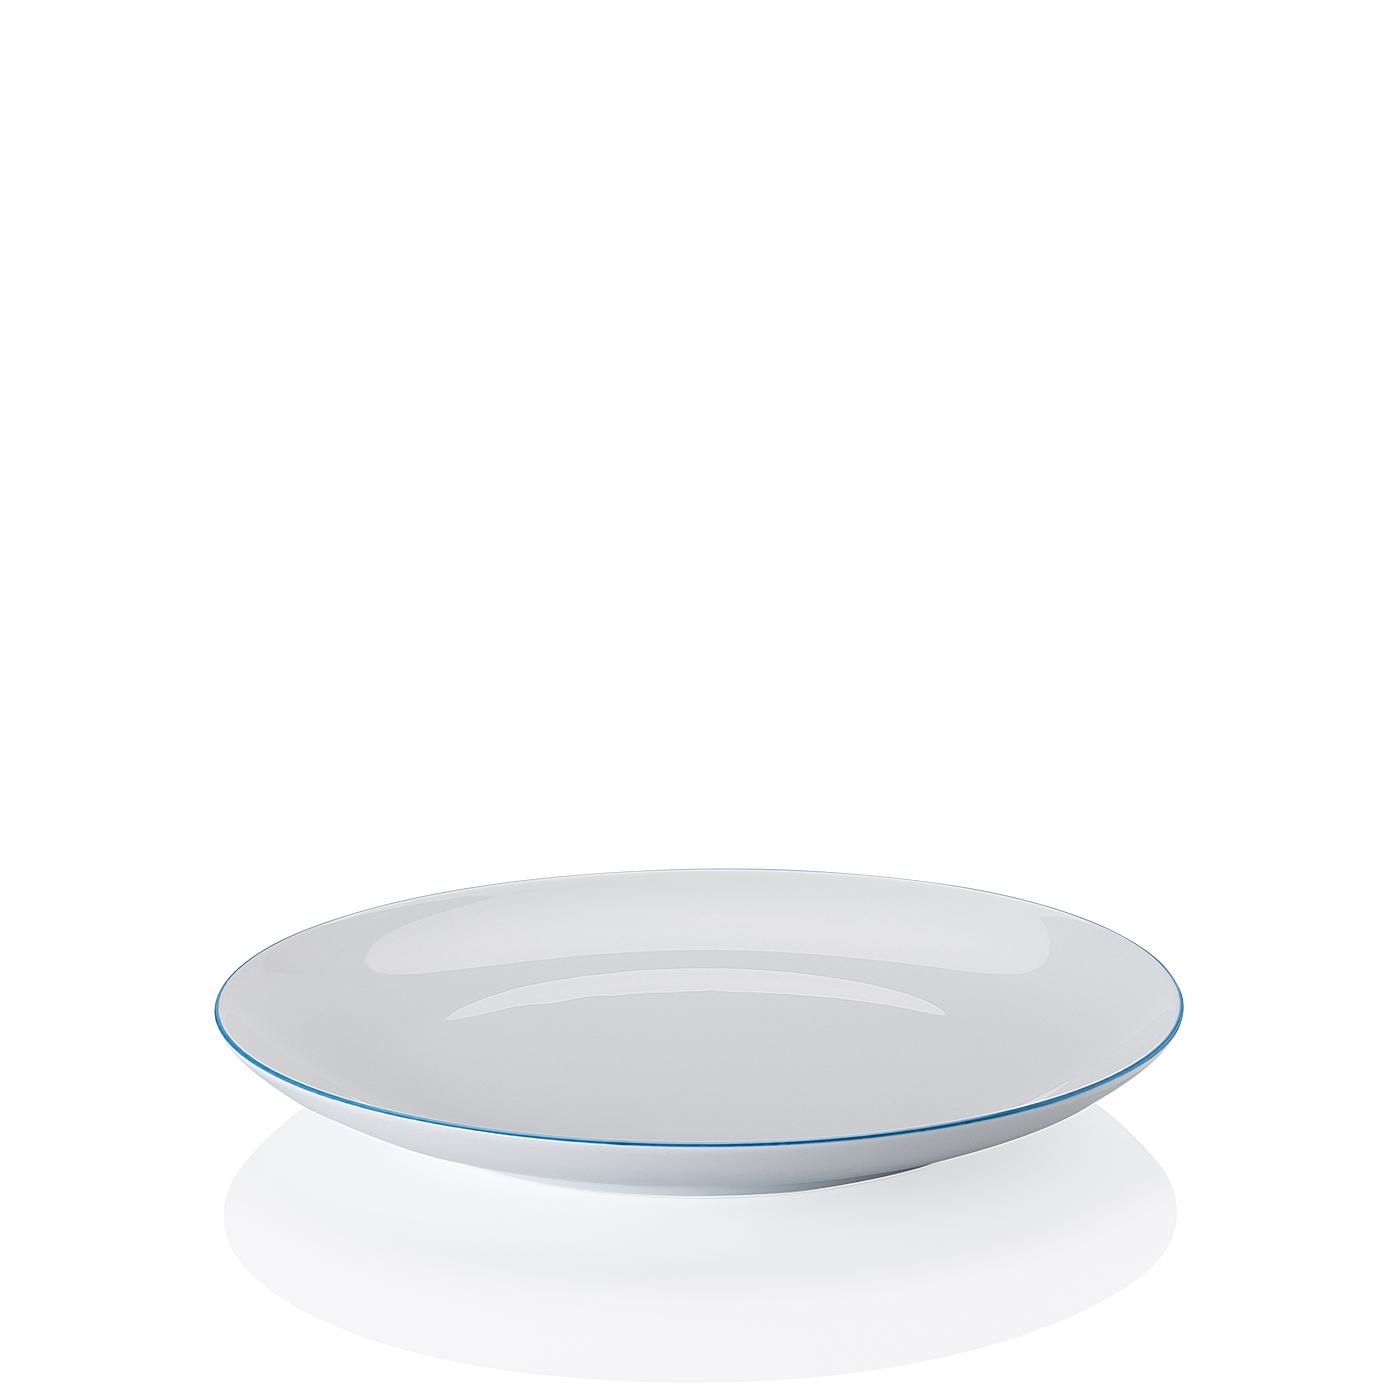 Speiseteller 26 cm Cucina-Basic Colori Blue Arzberg